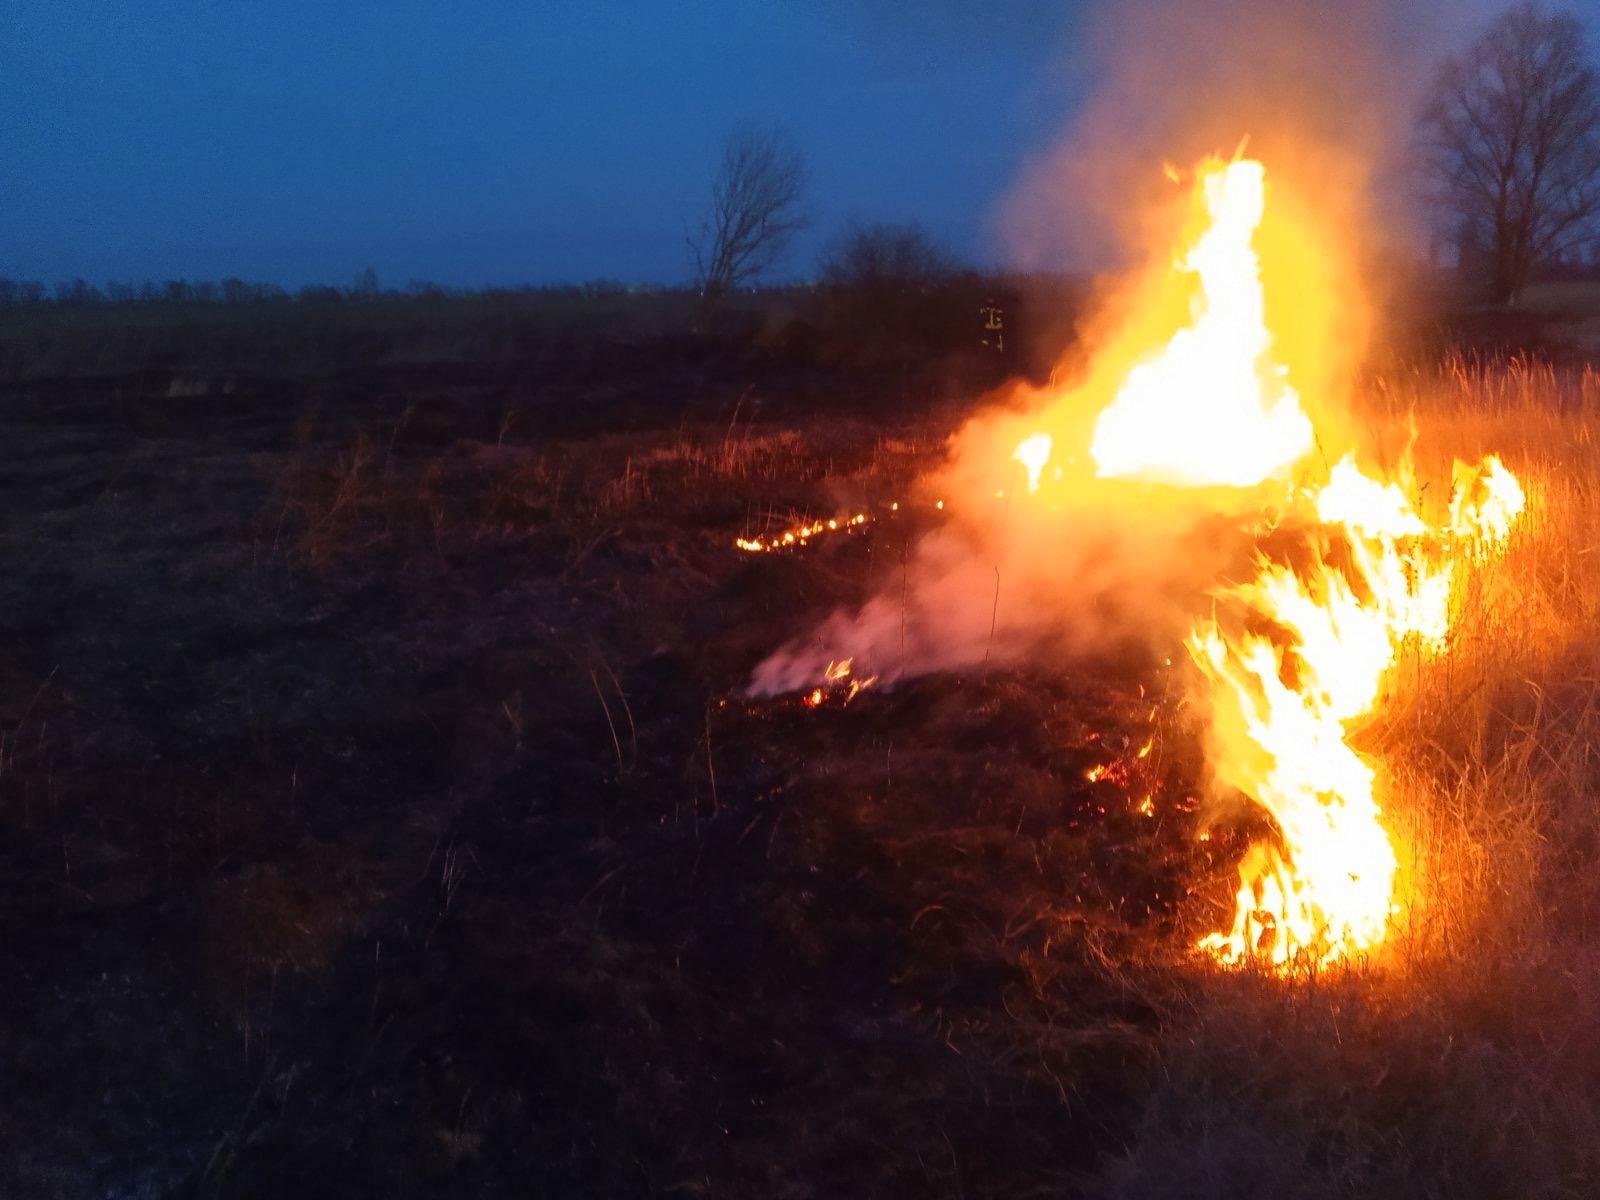 01-3 Безсніжна, тому й пожежна: на Київщині горіли гектари трав'яного настилу (ФОТО)